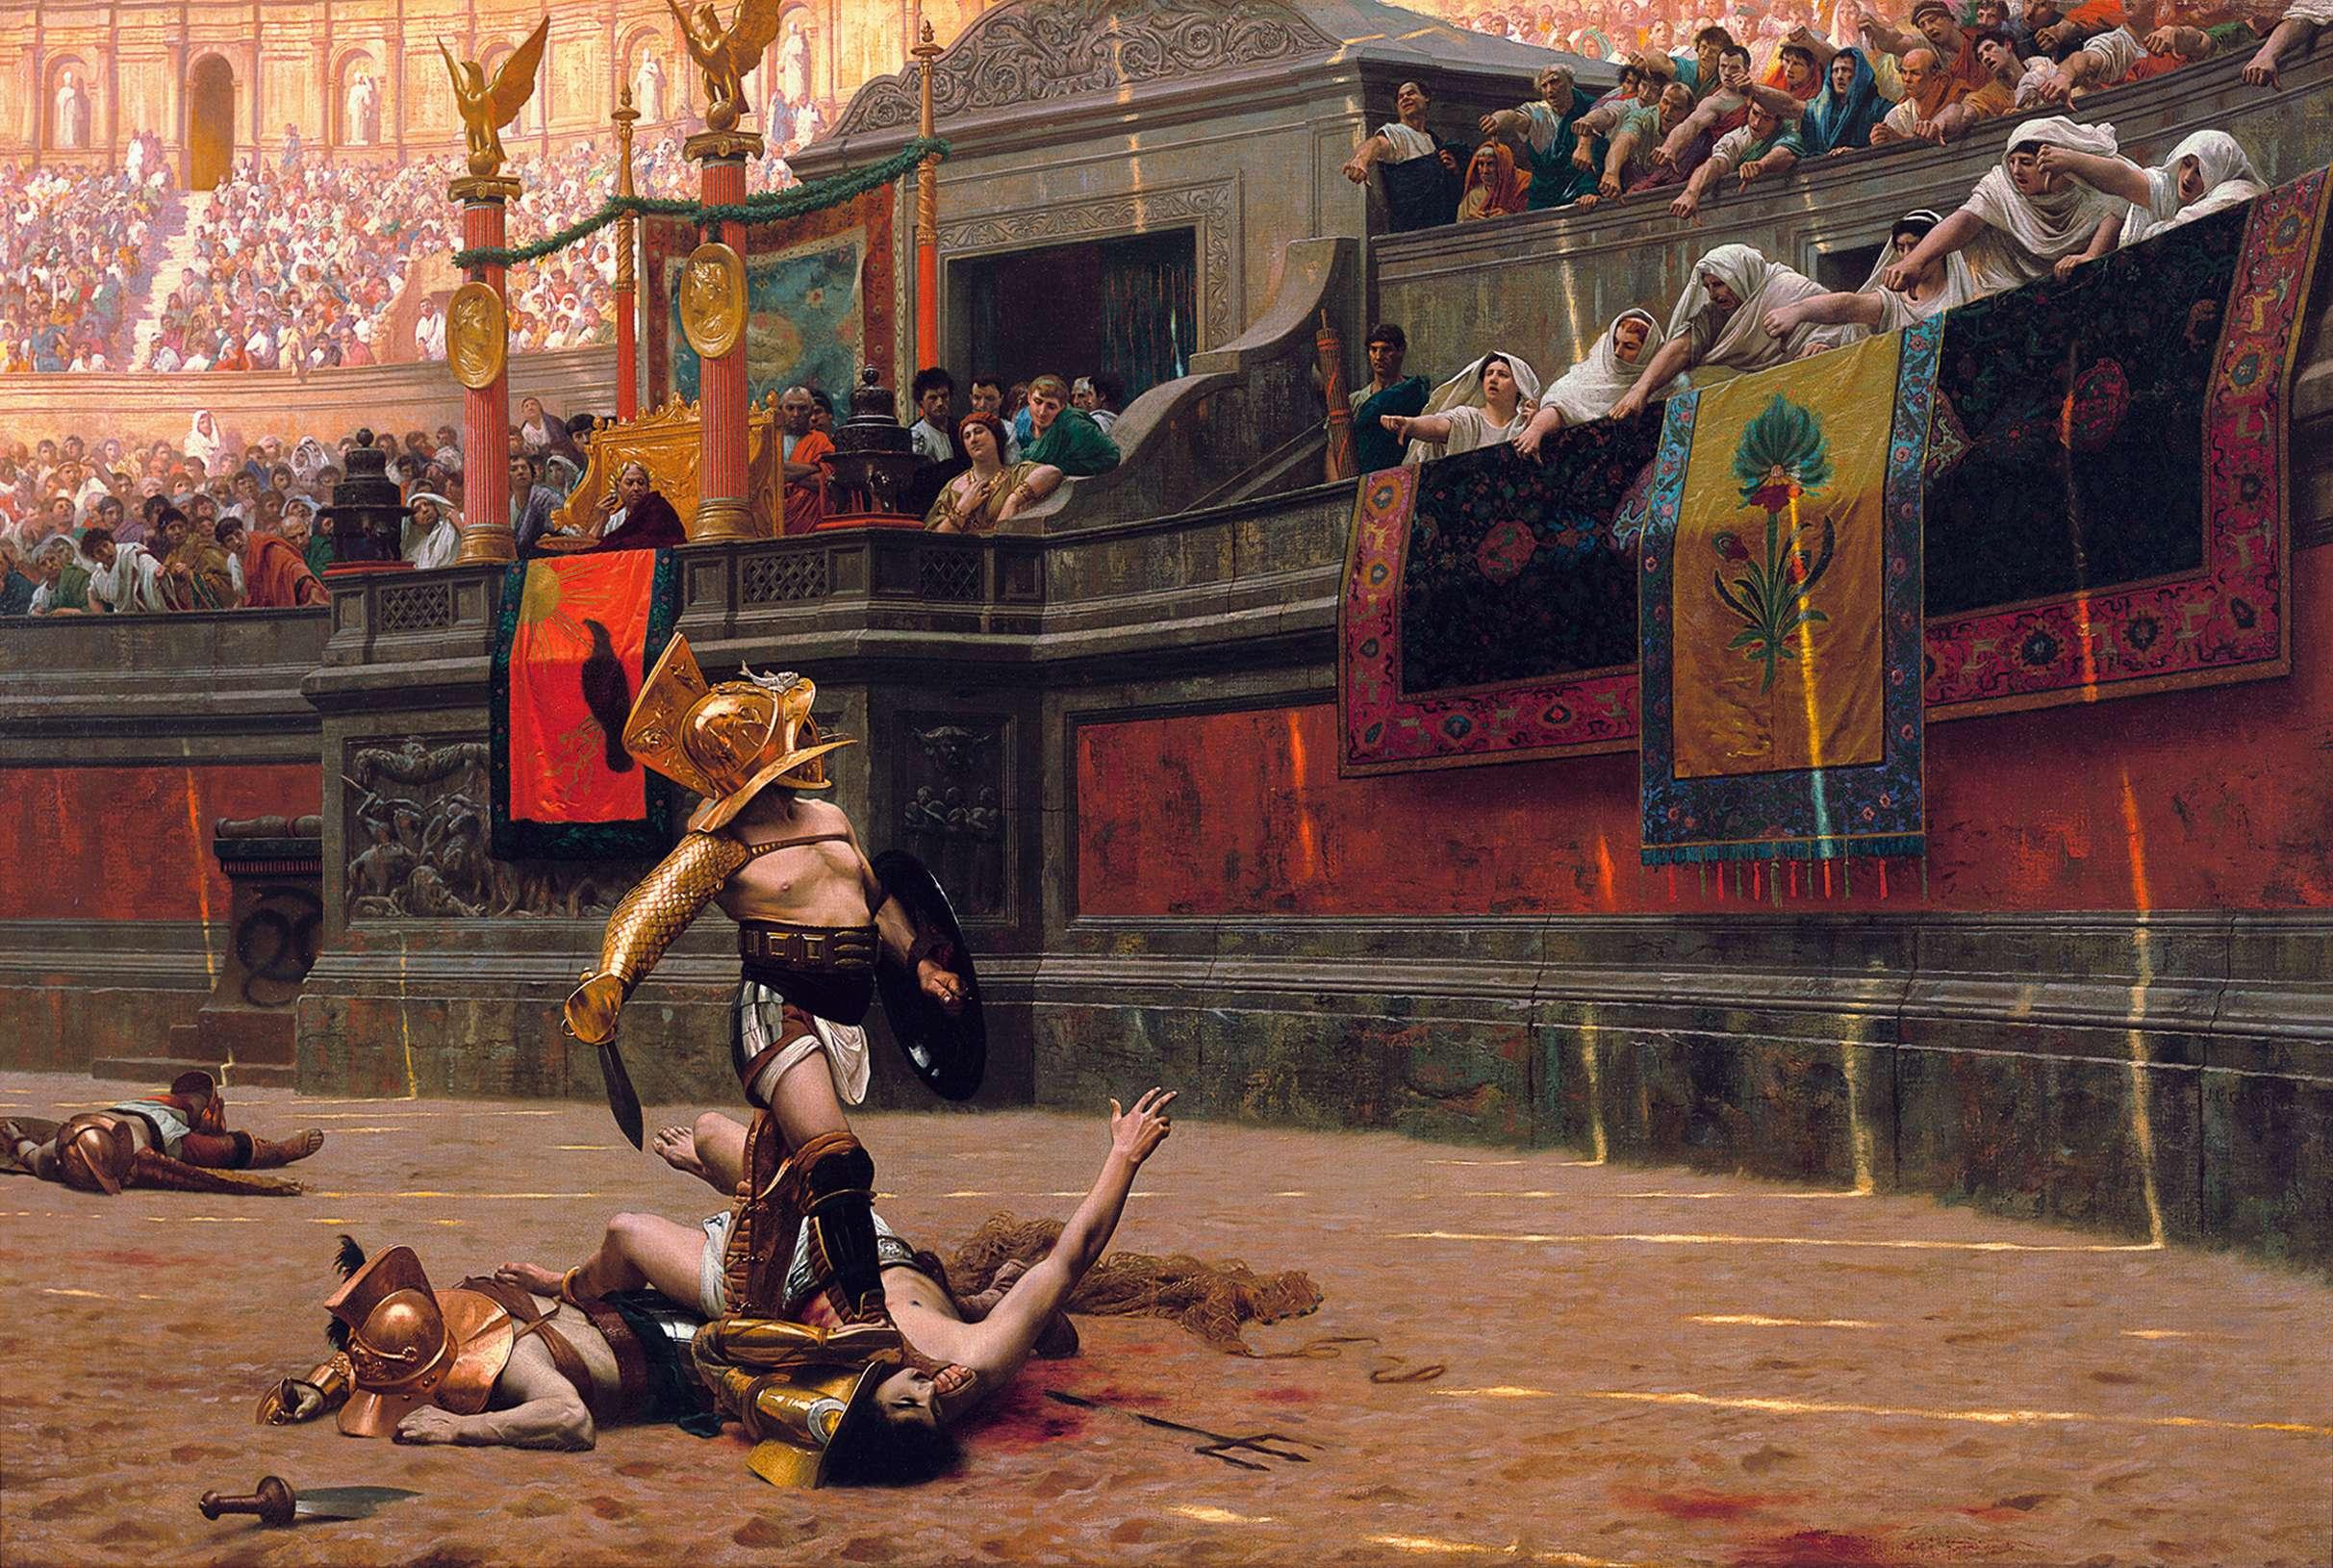 Καλλιτεχνική (όχι απαραίτητα ιστορική) αναπαράσταση των μονομαχιών στην Αρχαία Ρώμη. Έργο του Ζαν Λεόν Ζερόμ, (1872)